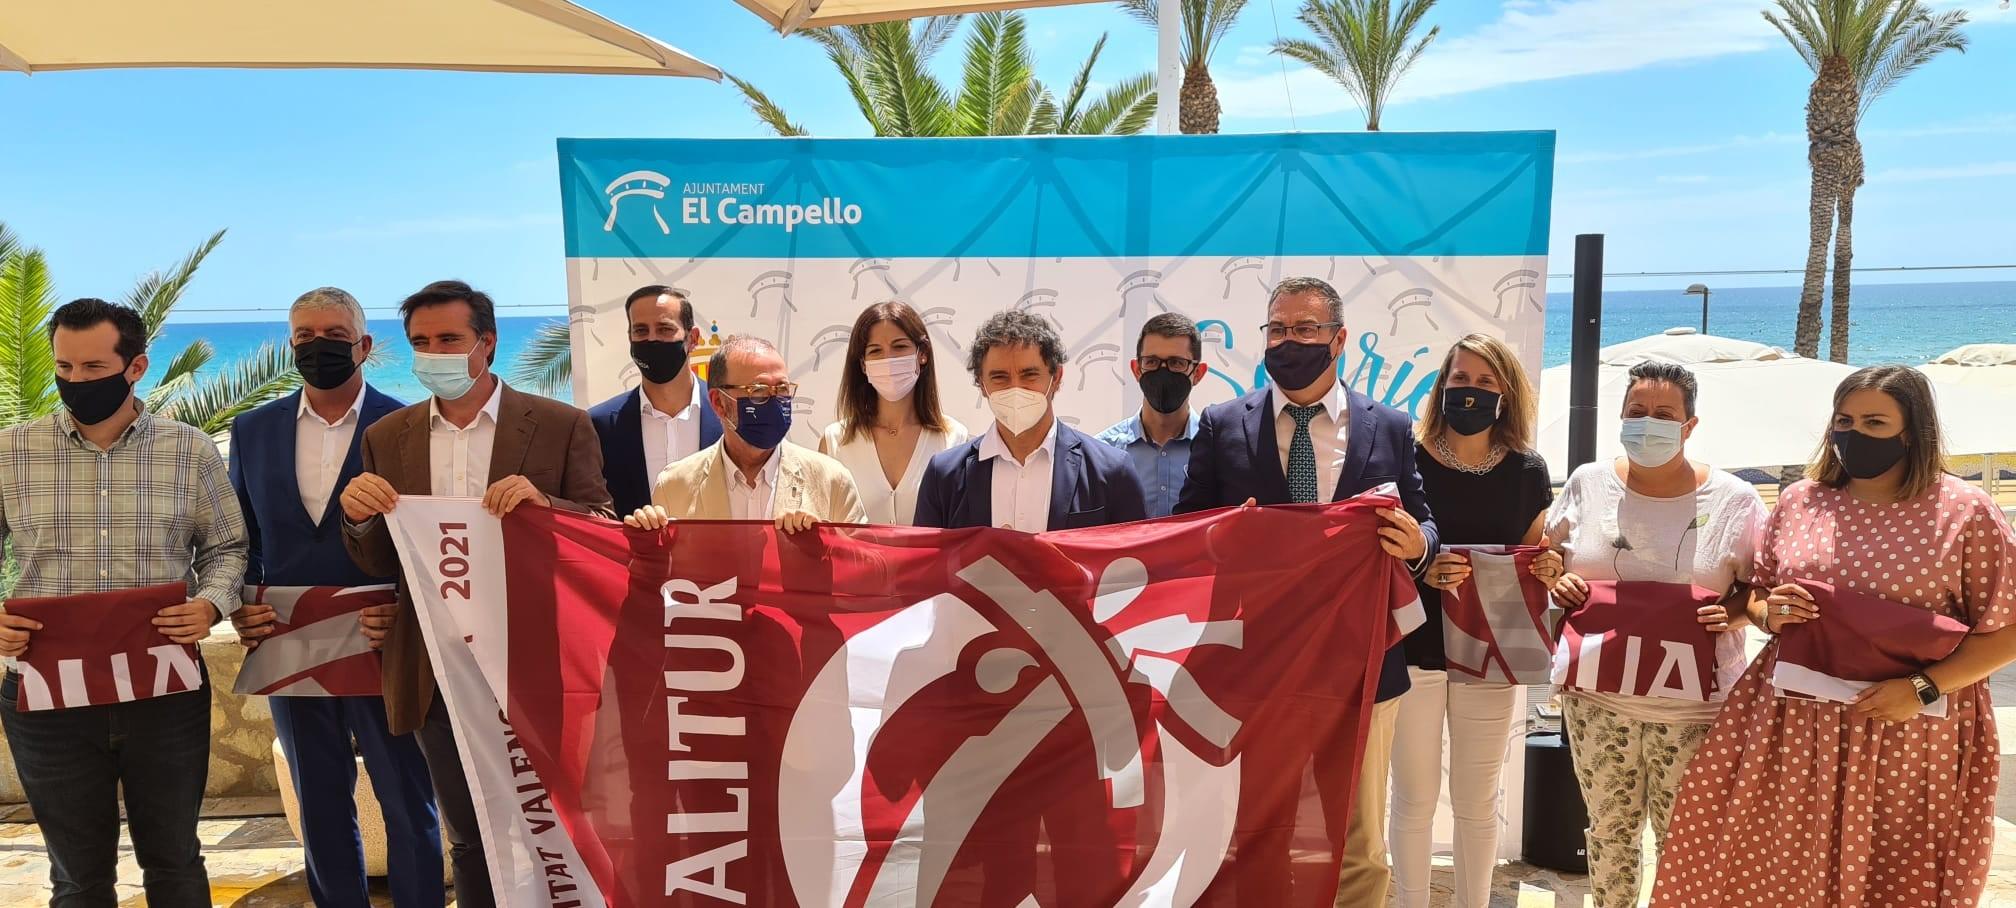 Turisme CV concede la Bandera Qualitur a 177 playas de 36 municipios de la Comunitat Valenciana